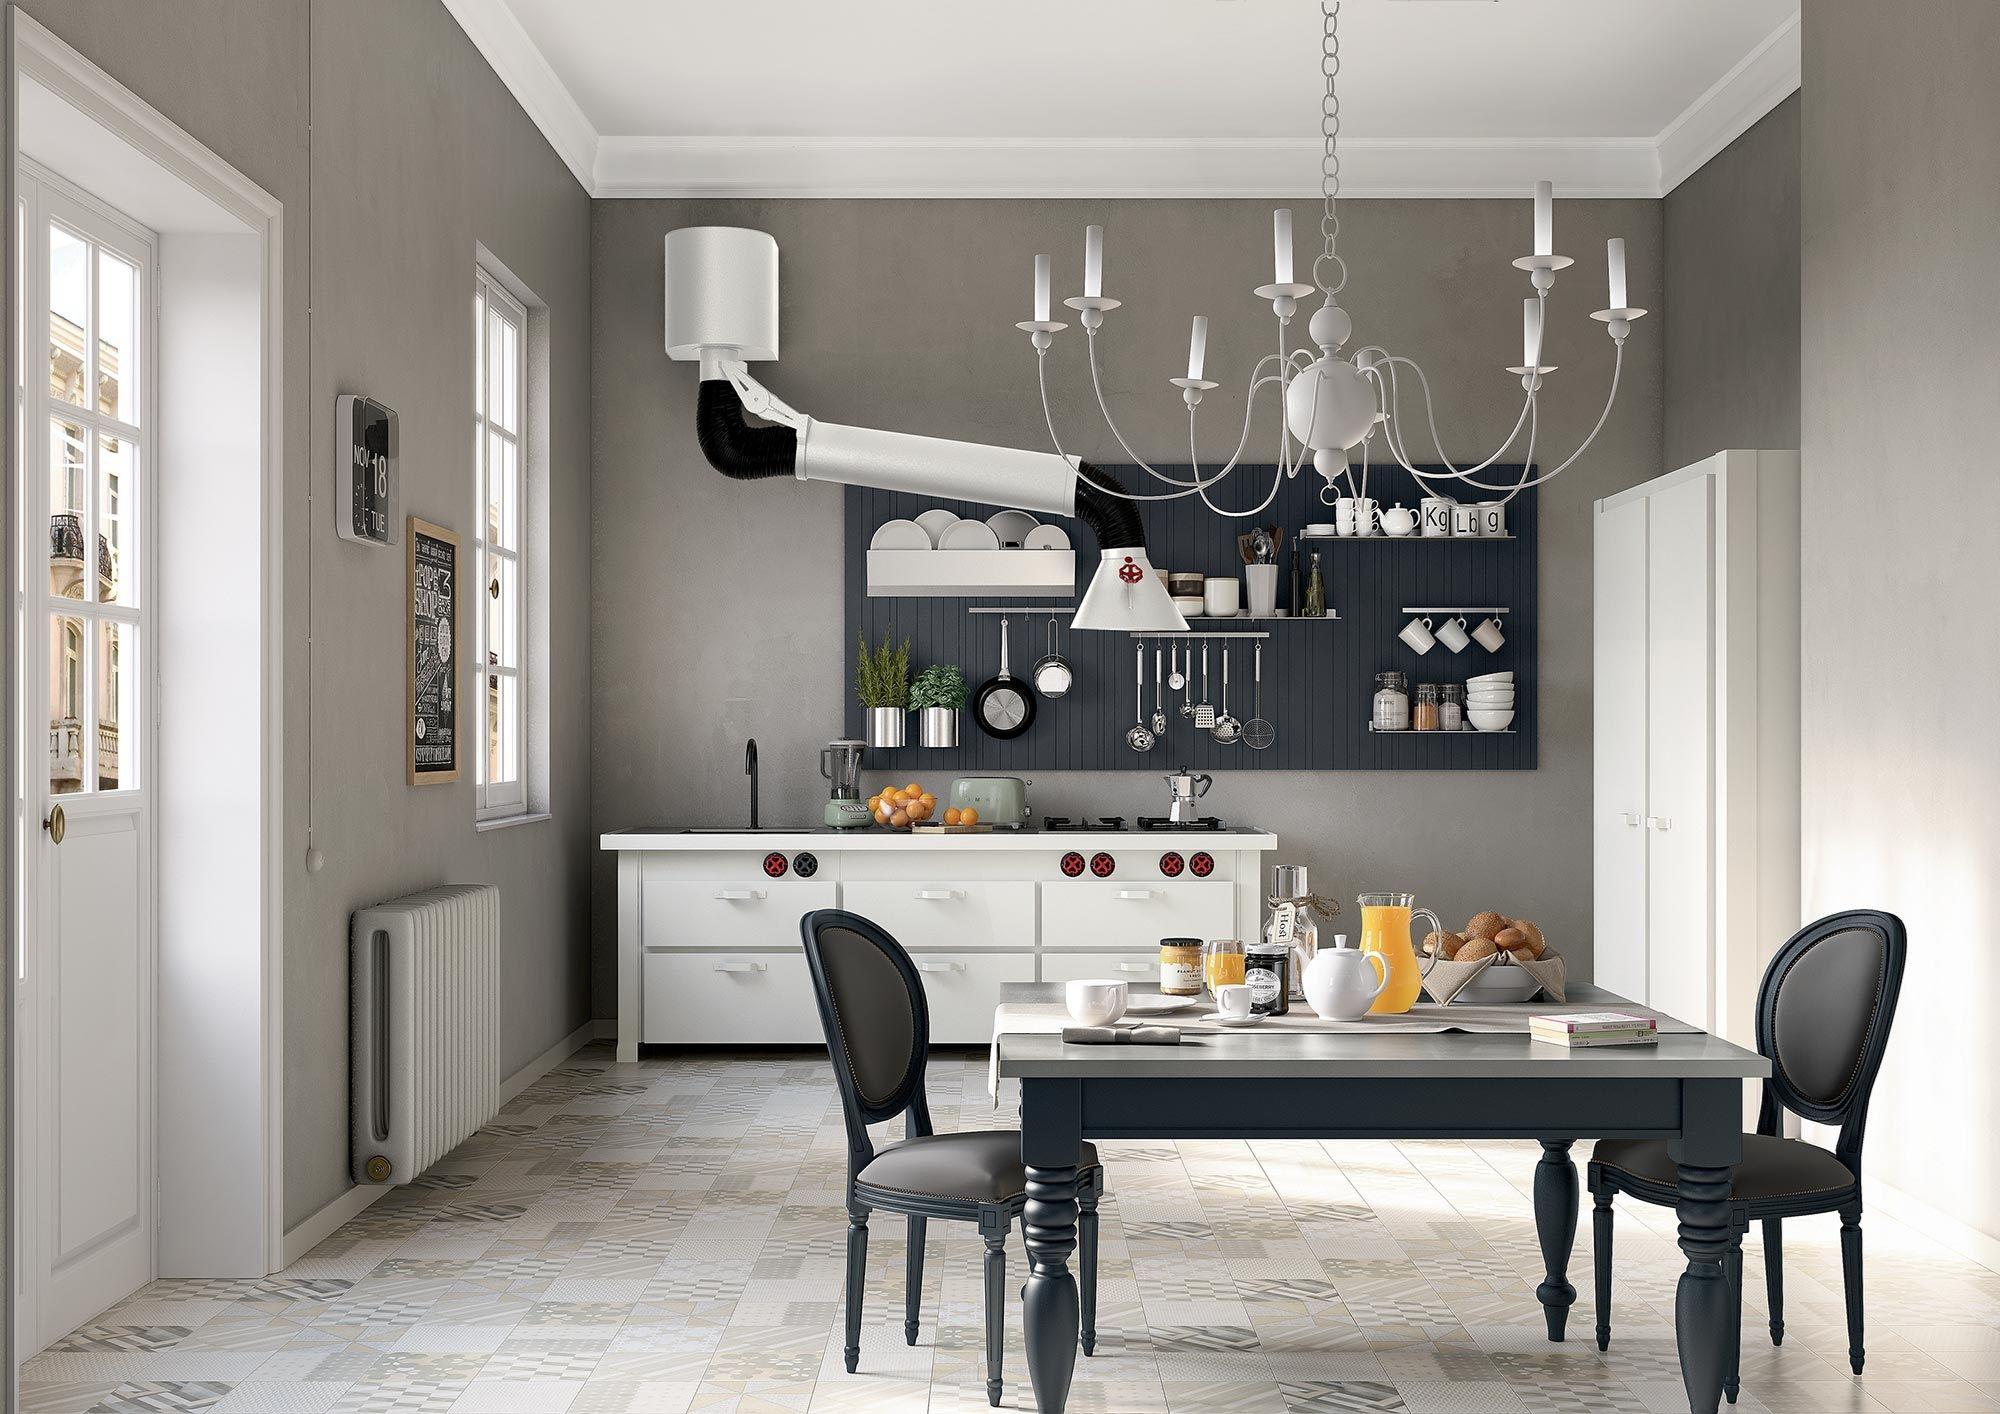 Lampade Da Cucina A Sospensione: Lampade in cucina a sospensione ...